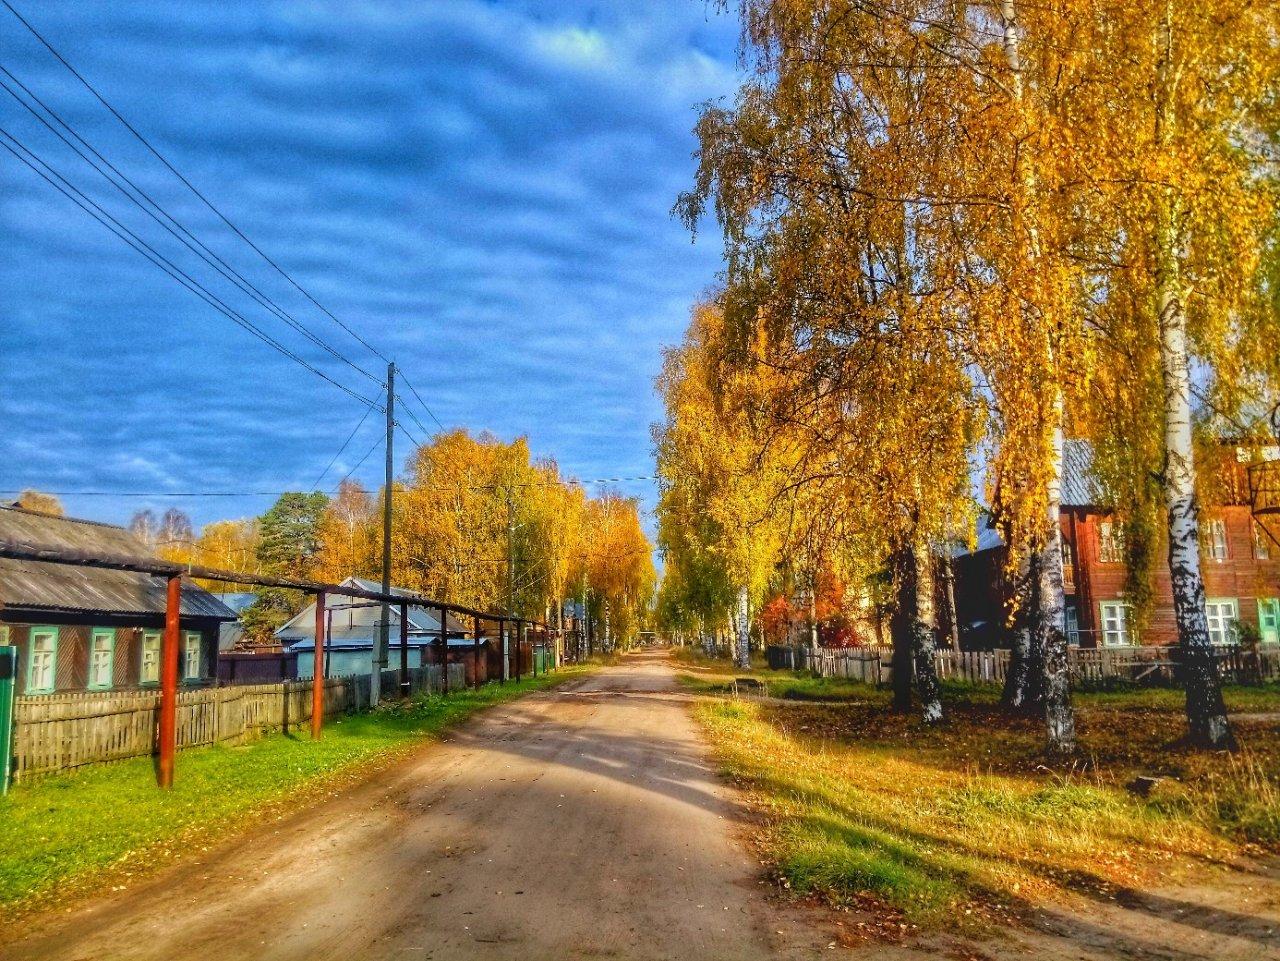 Фотоподборка из соцсетей: 10 красивых фотографий осеннего Каринторфа